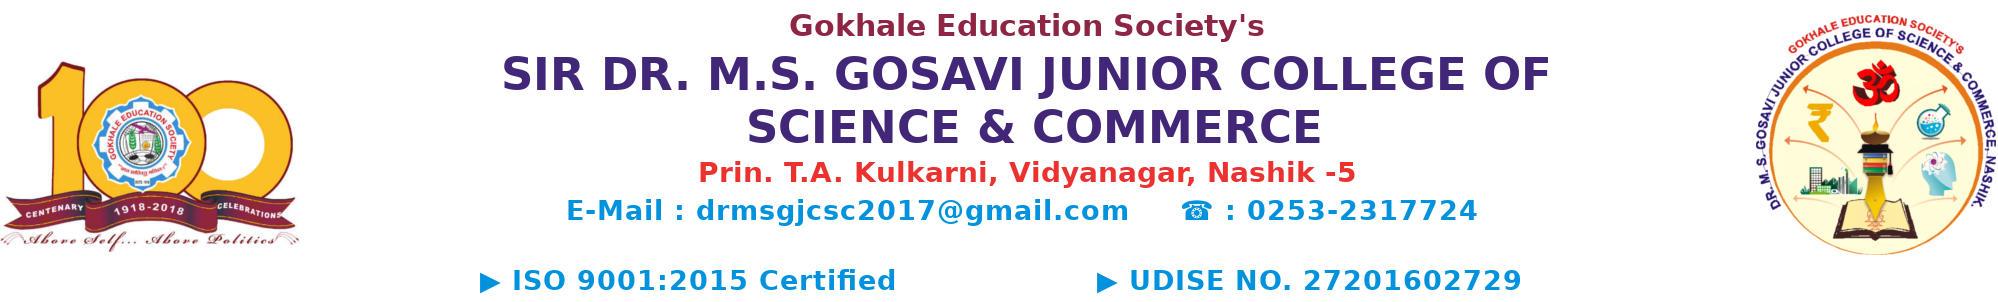 SIR DR. M.S. GOSAVI JUNIOR COLLEGE OF SCIENCE & COMMERCE